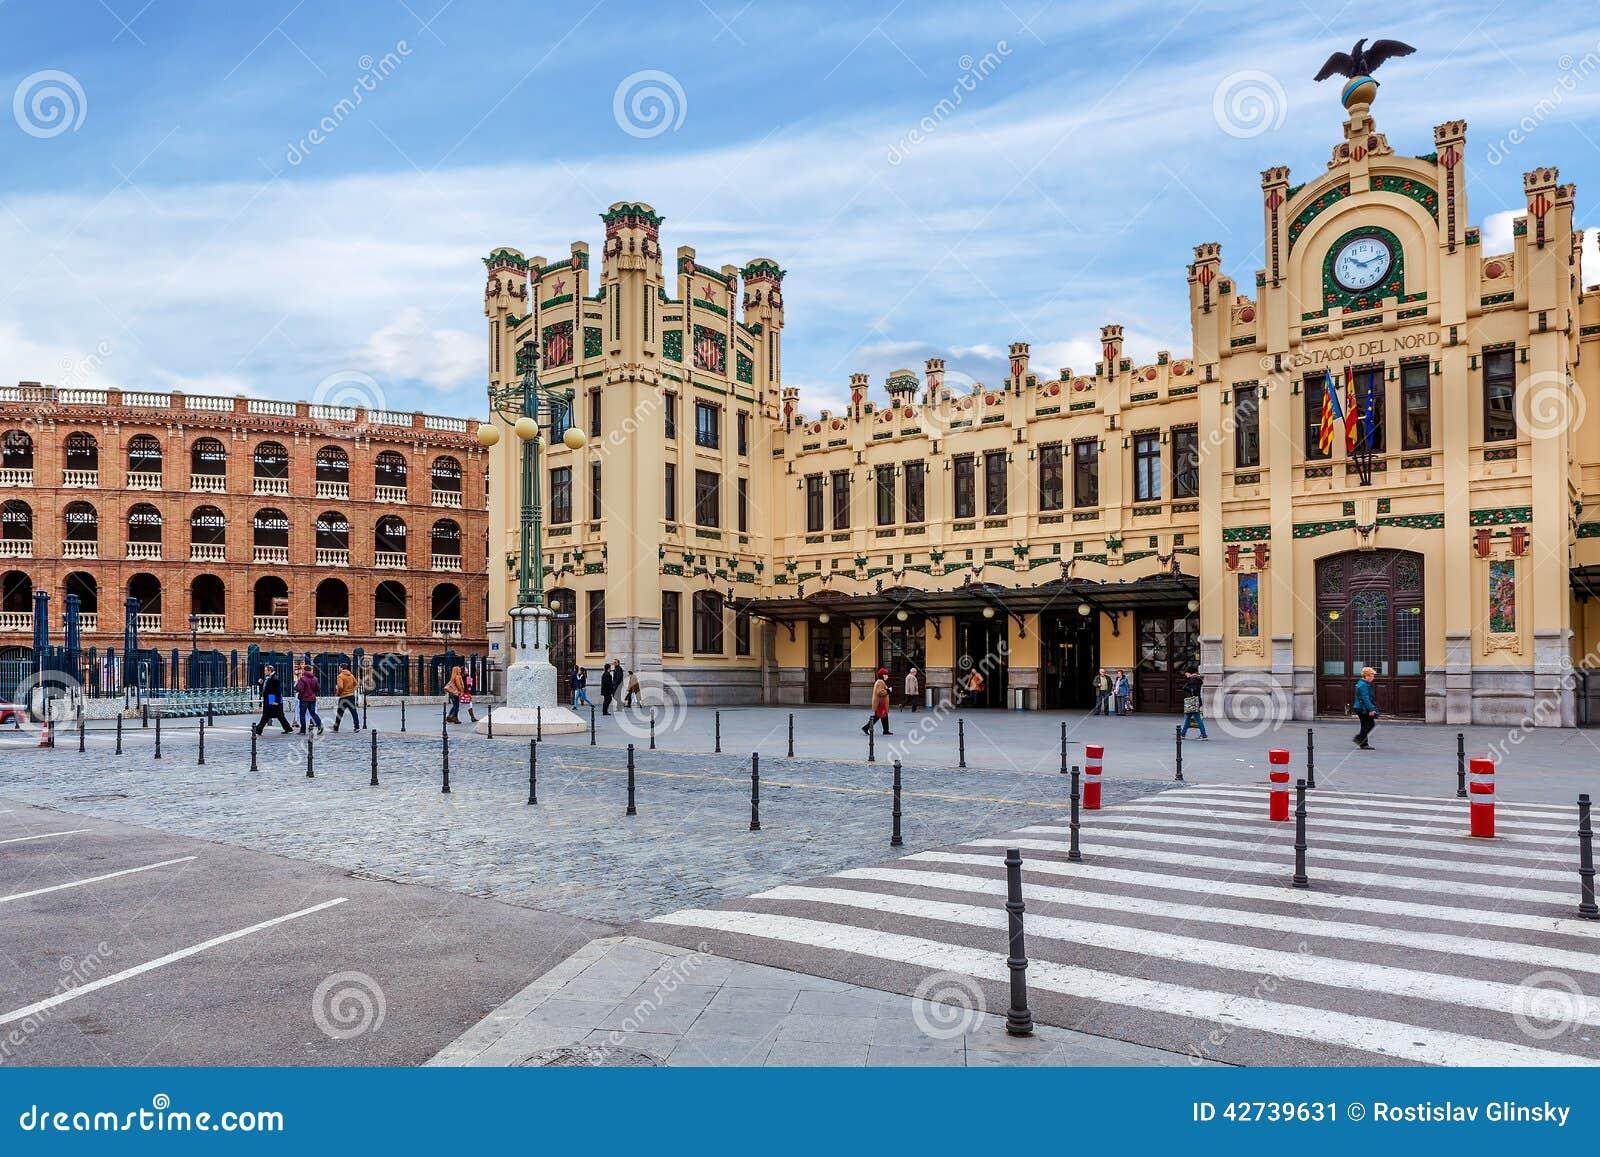 North station in valencia spain editorial photo image - Piscine valencia espagne ...